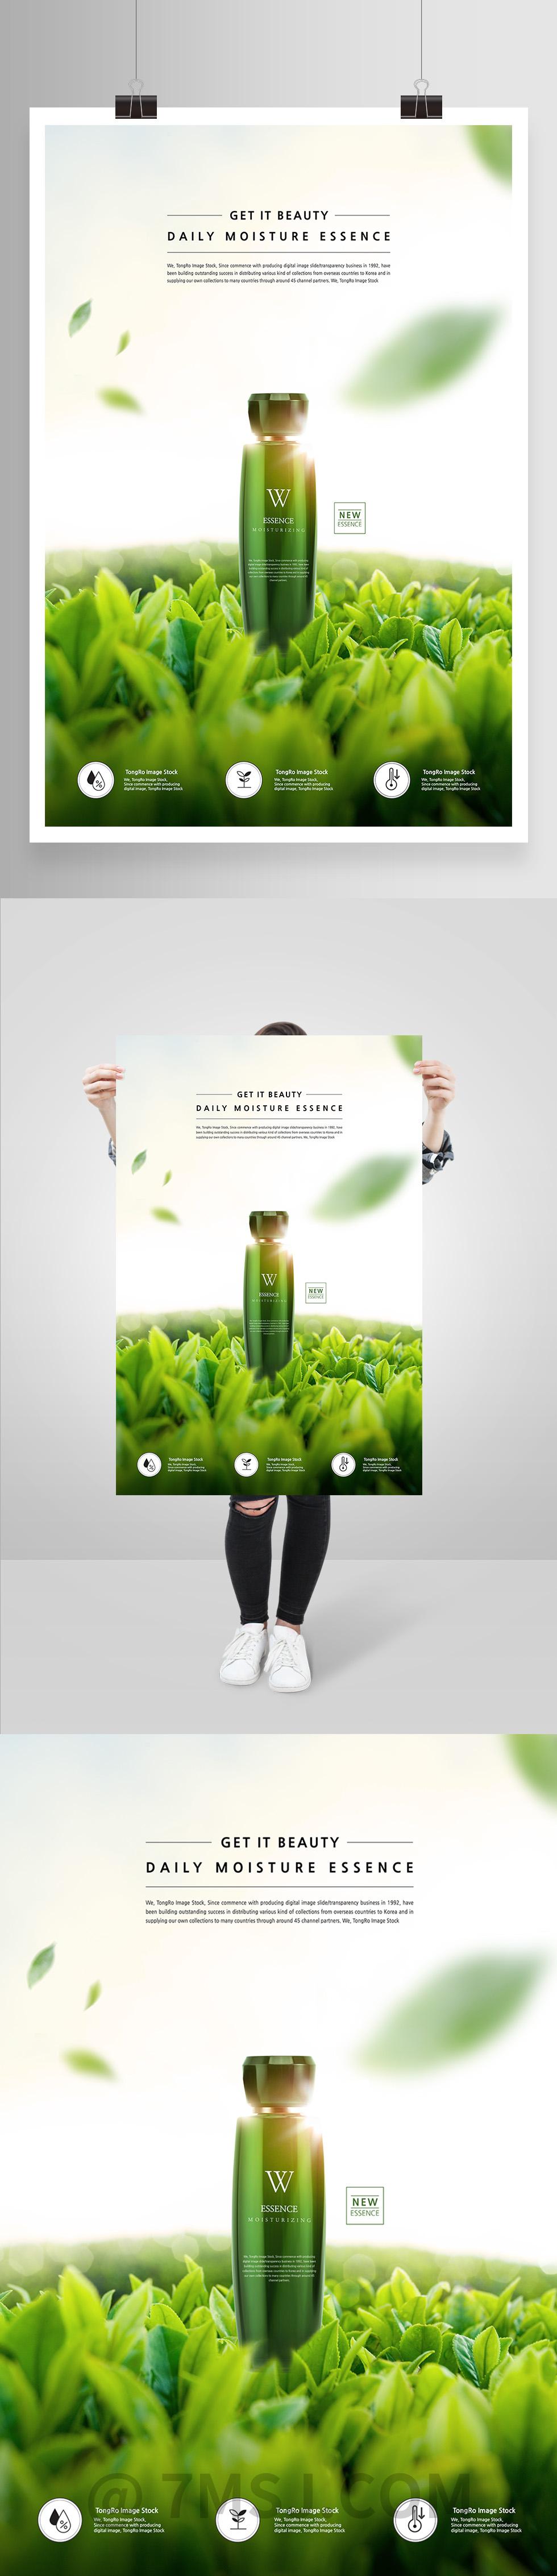 大气绿色焕醒春肌化妆品海报